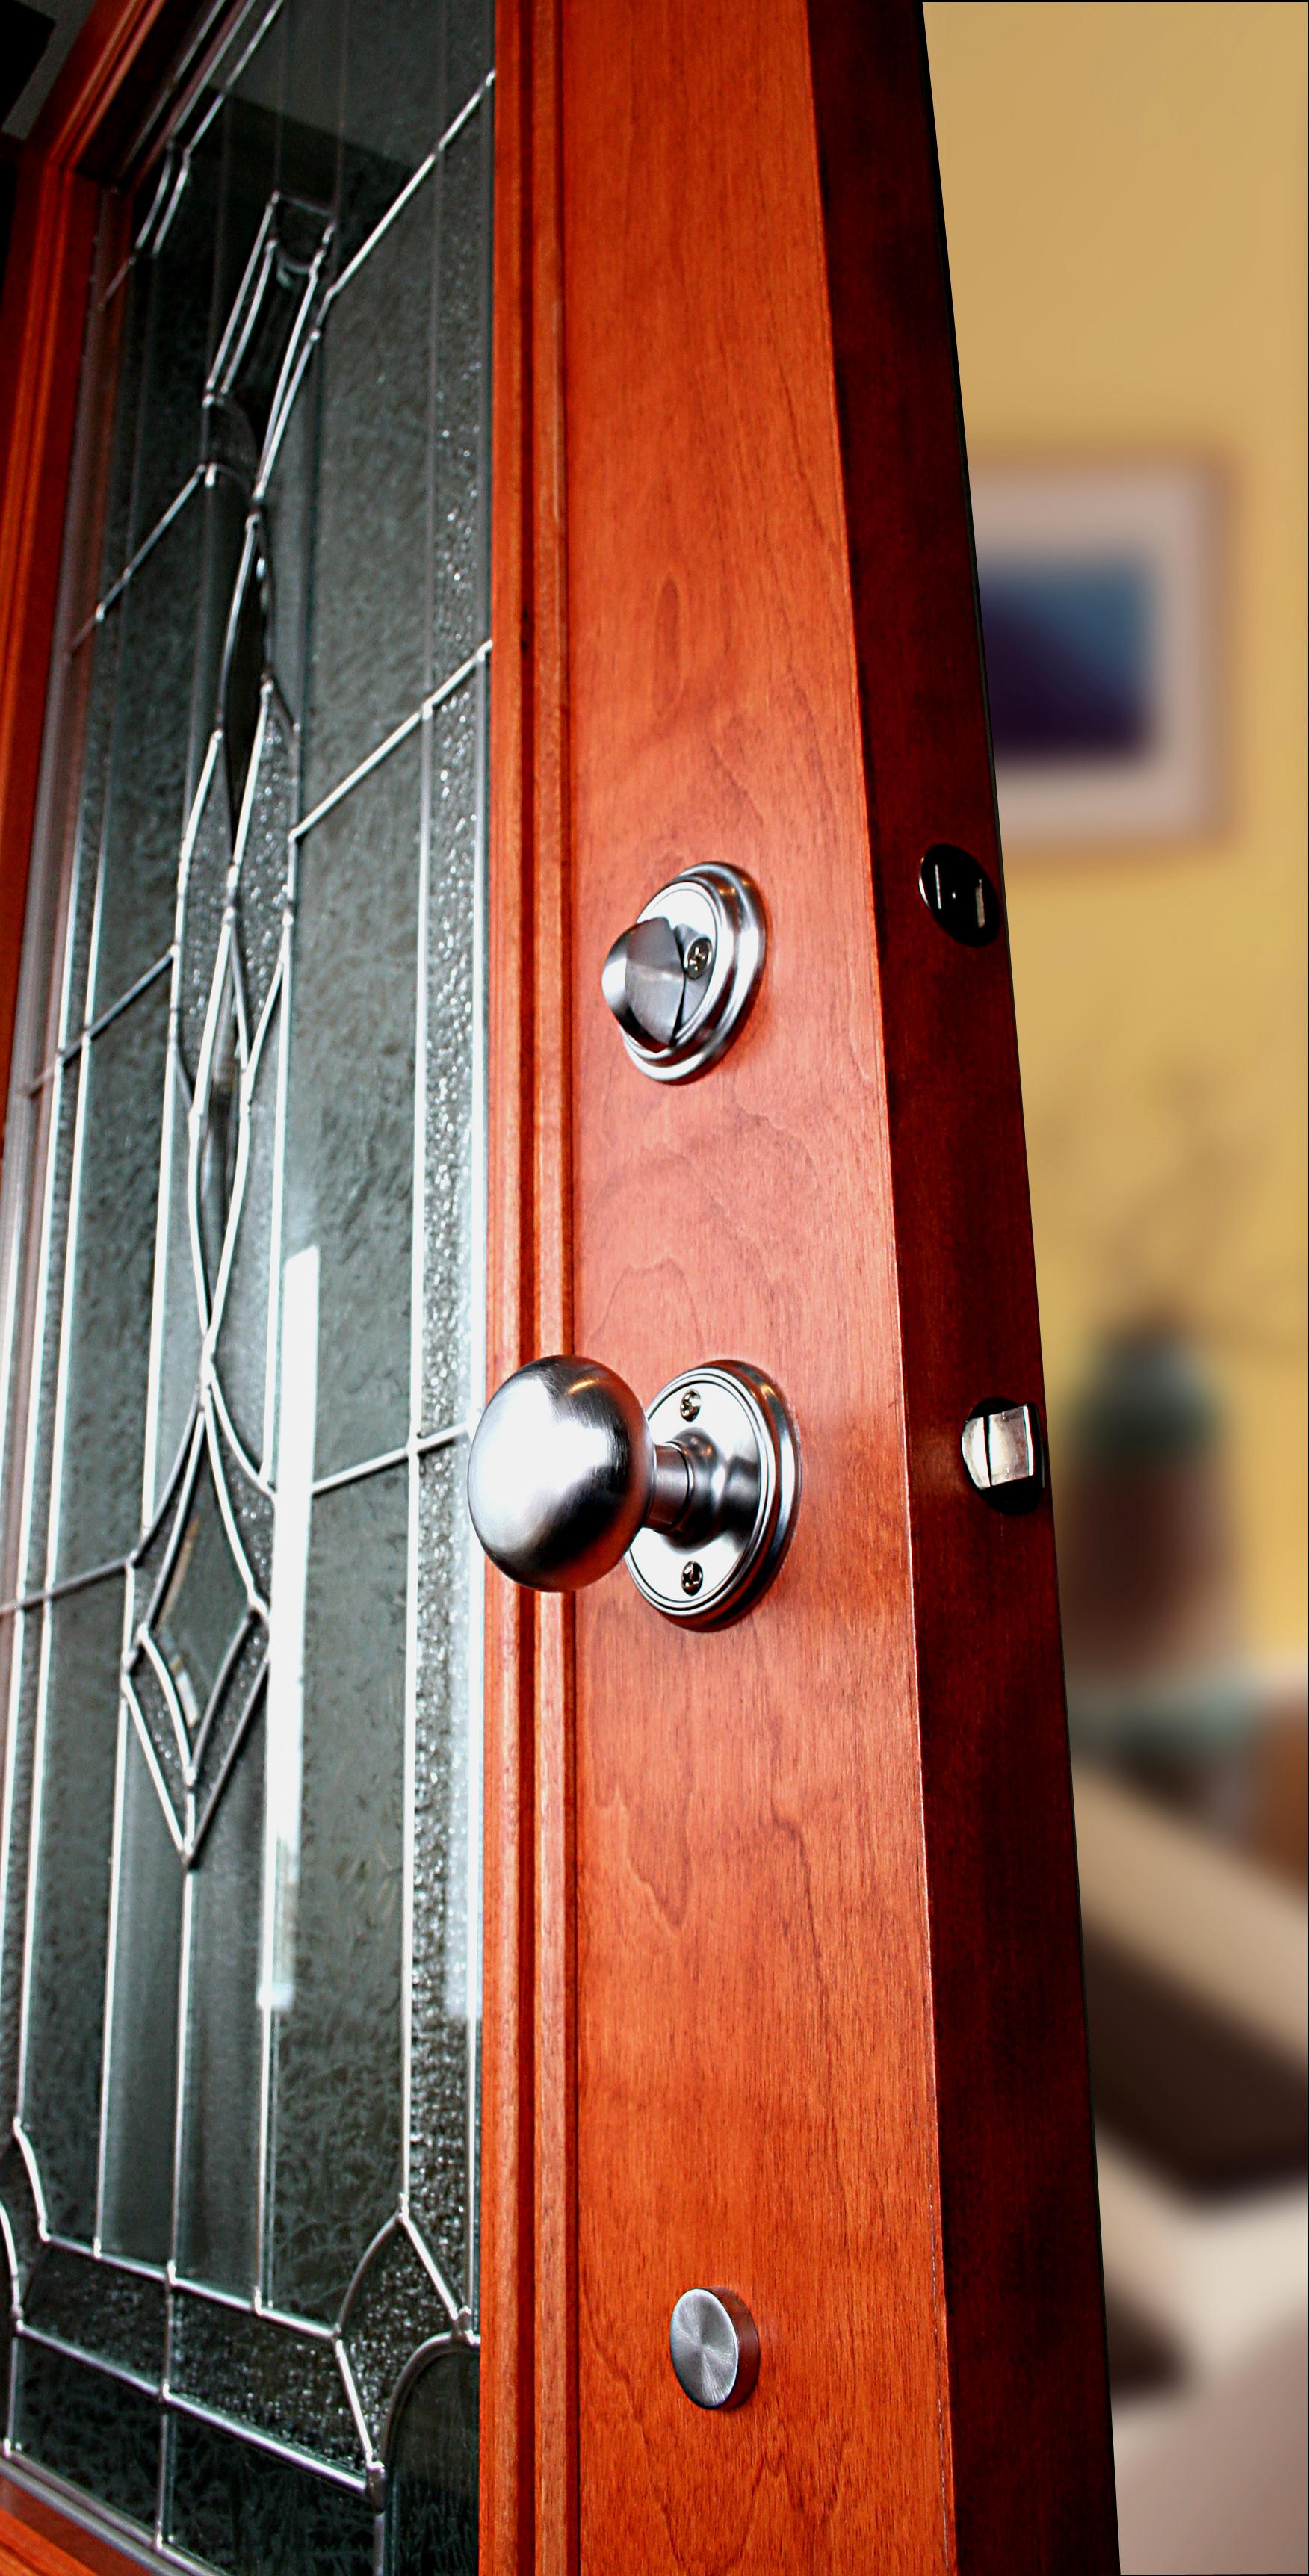 Bois int close up portatec fabricant de porte d 39 entr e sur mesure - Fabricant de porte d entree ...